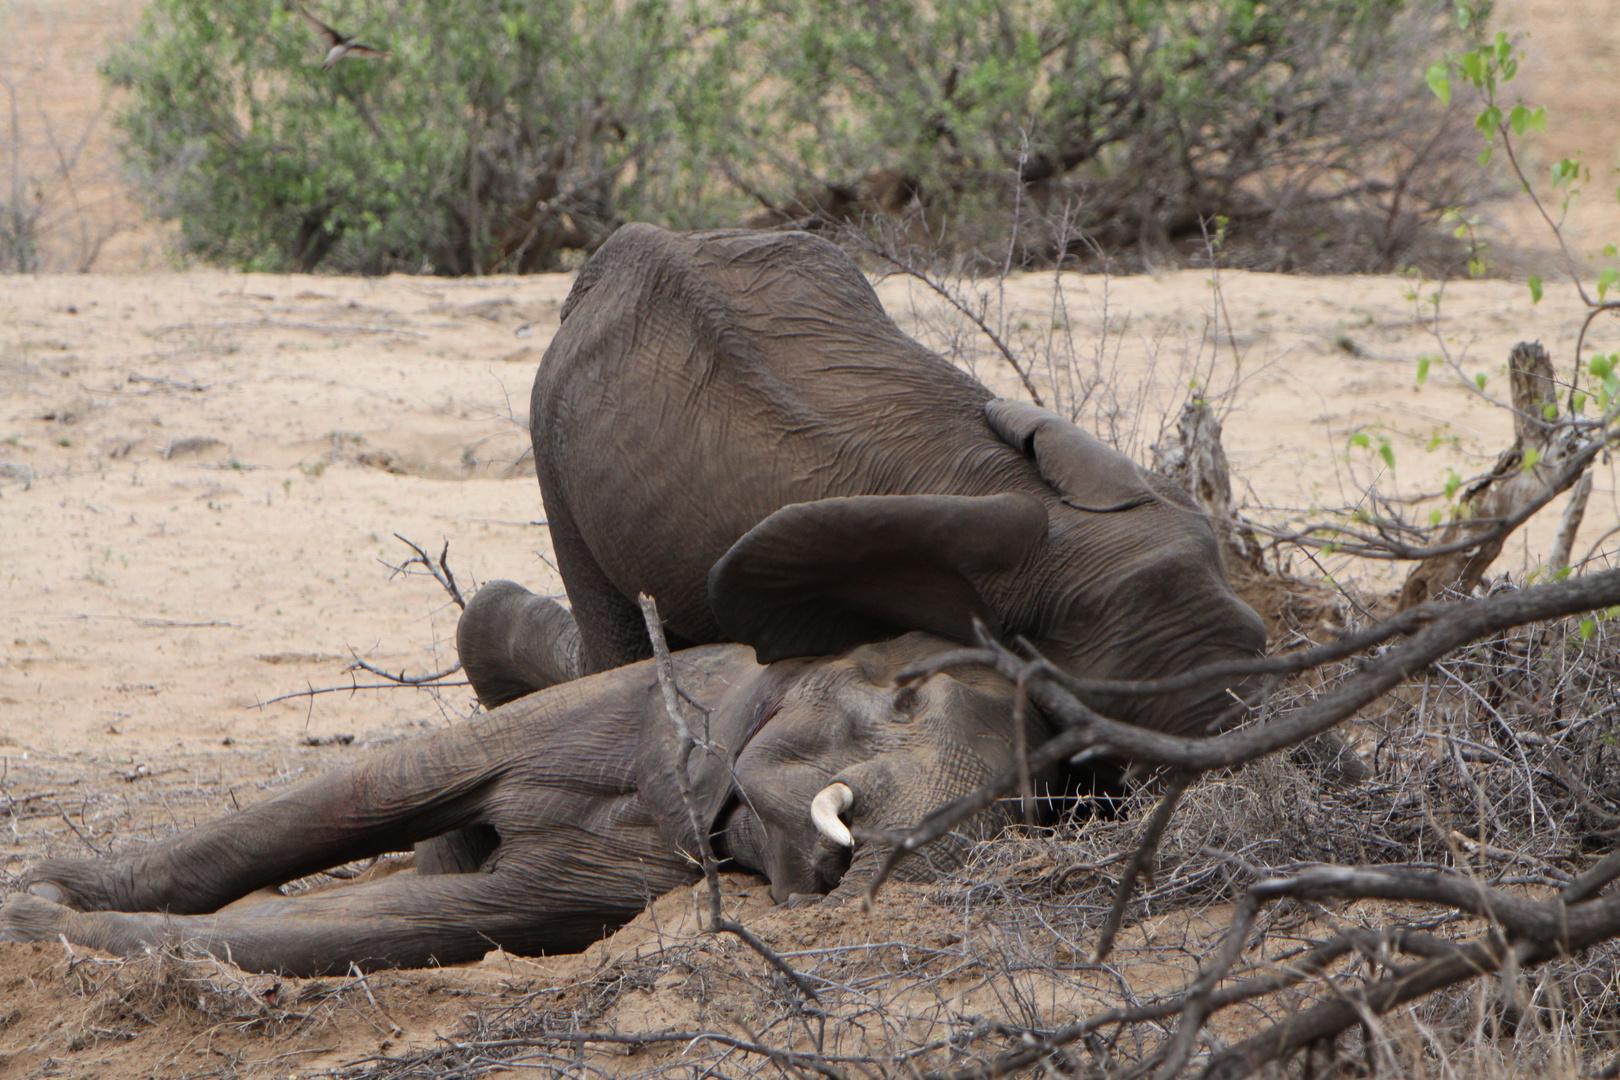 Südafrika/Krüger Nationalpark: Ein Elefant stirbt ...